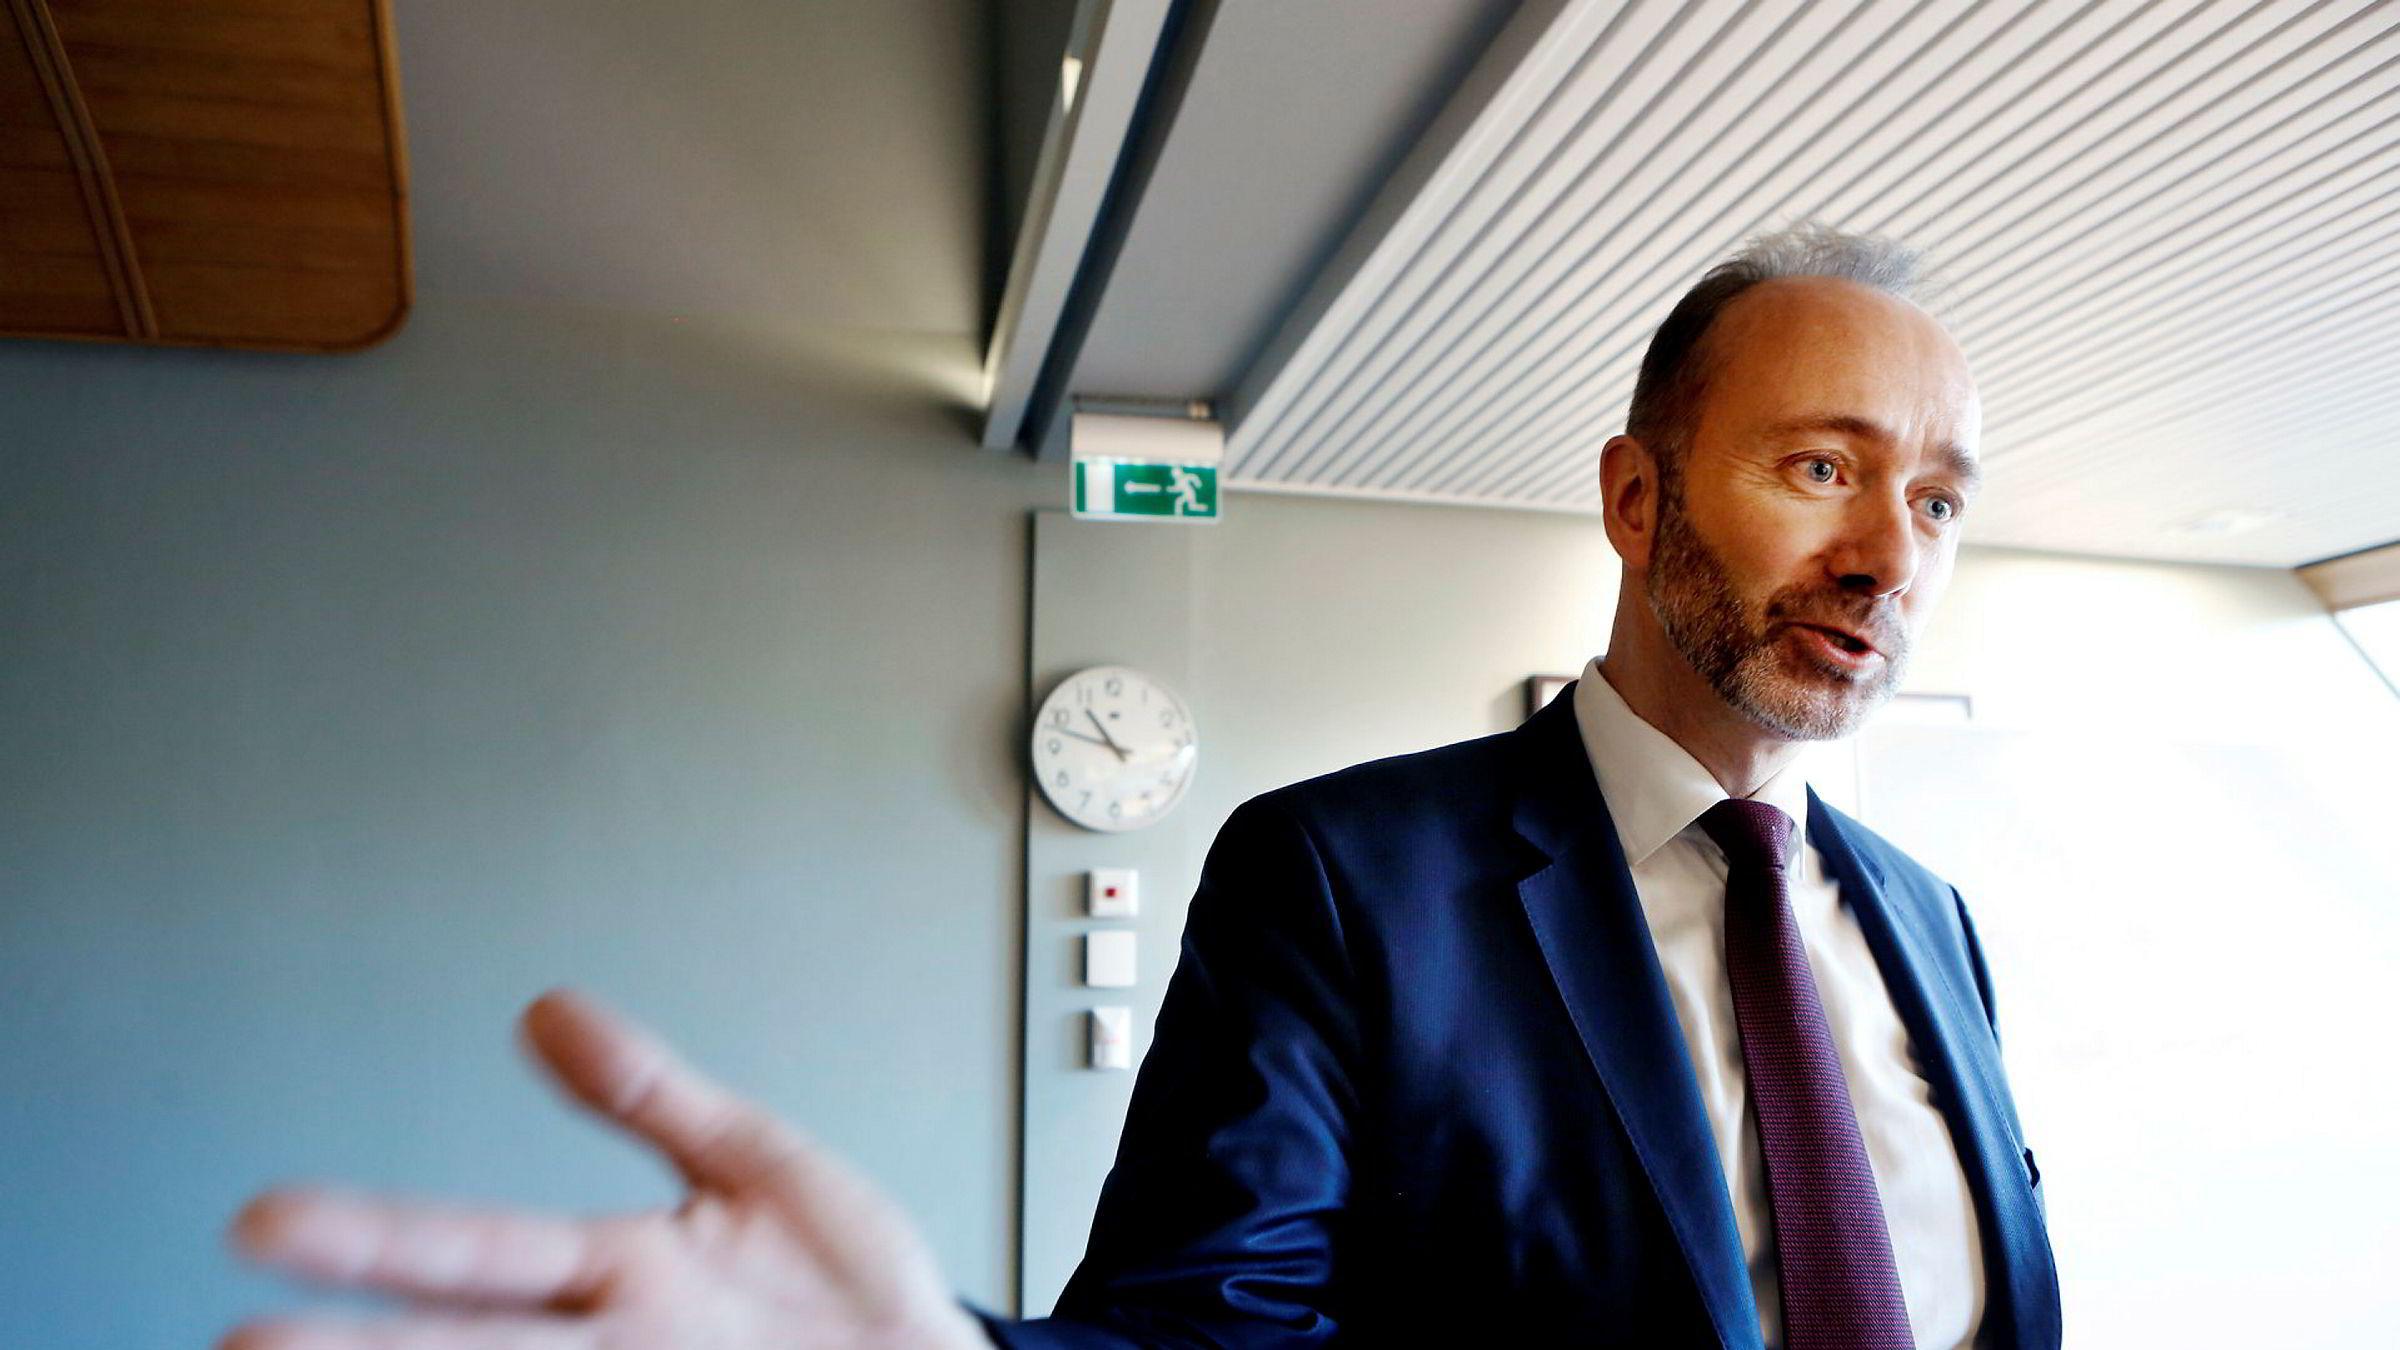 Nestleder i Arbeiderpartiet Trond Giske ønsker ikke å kommentere opplysningene om at partiet har fått inn nye bekymringsmeldinger om hans oppførsel overfor kvinner.